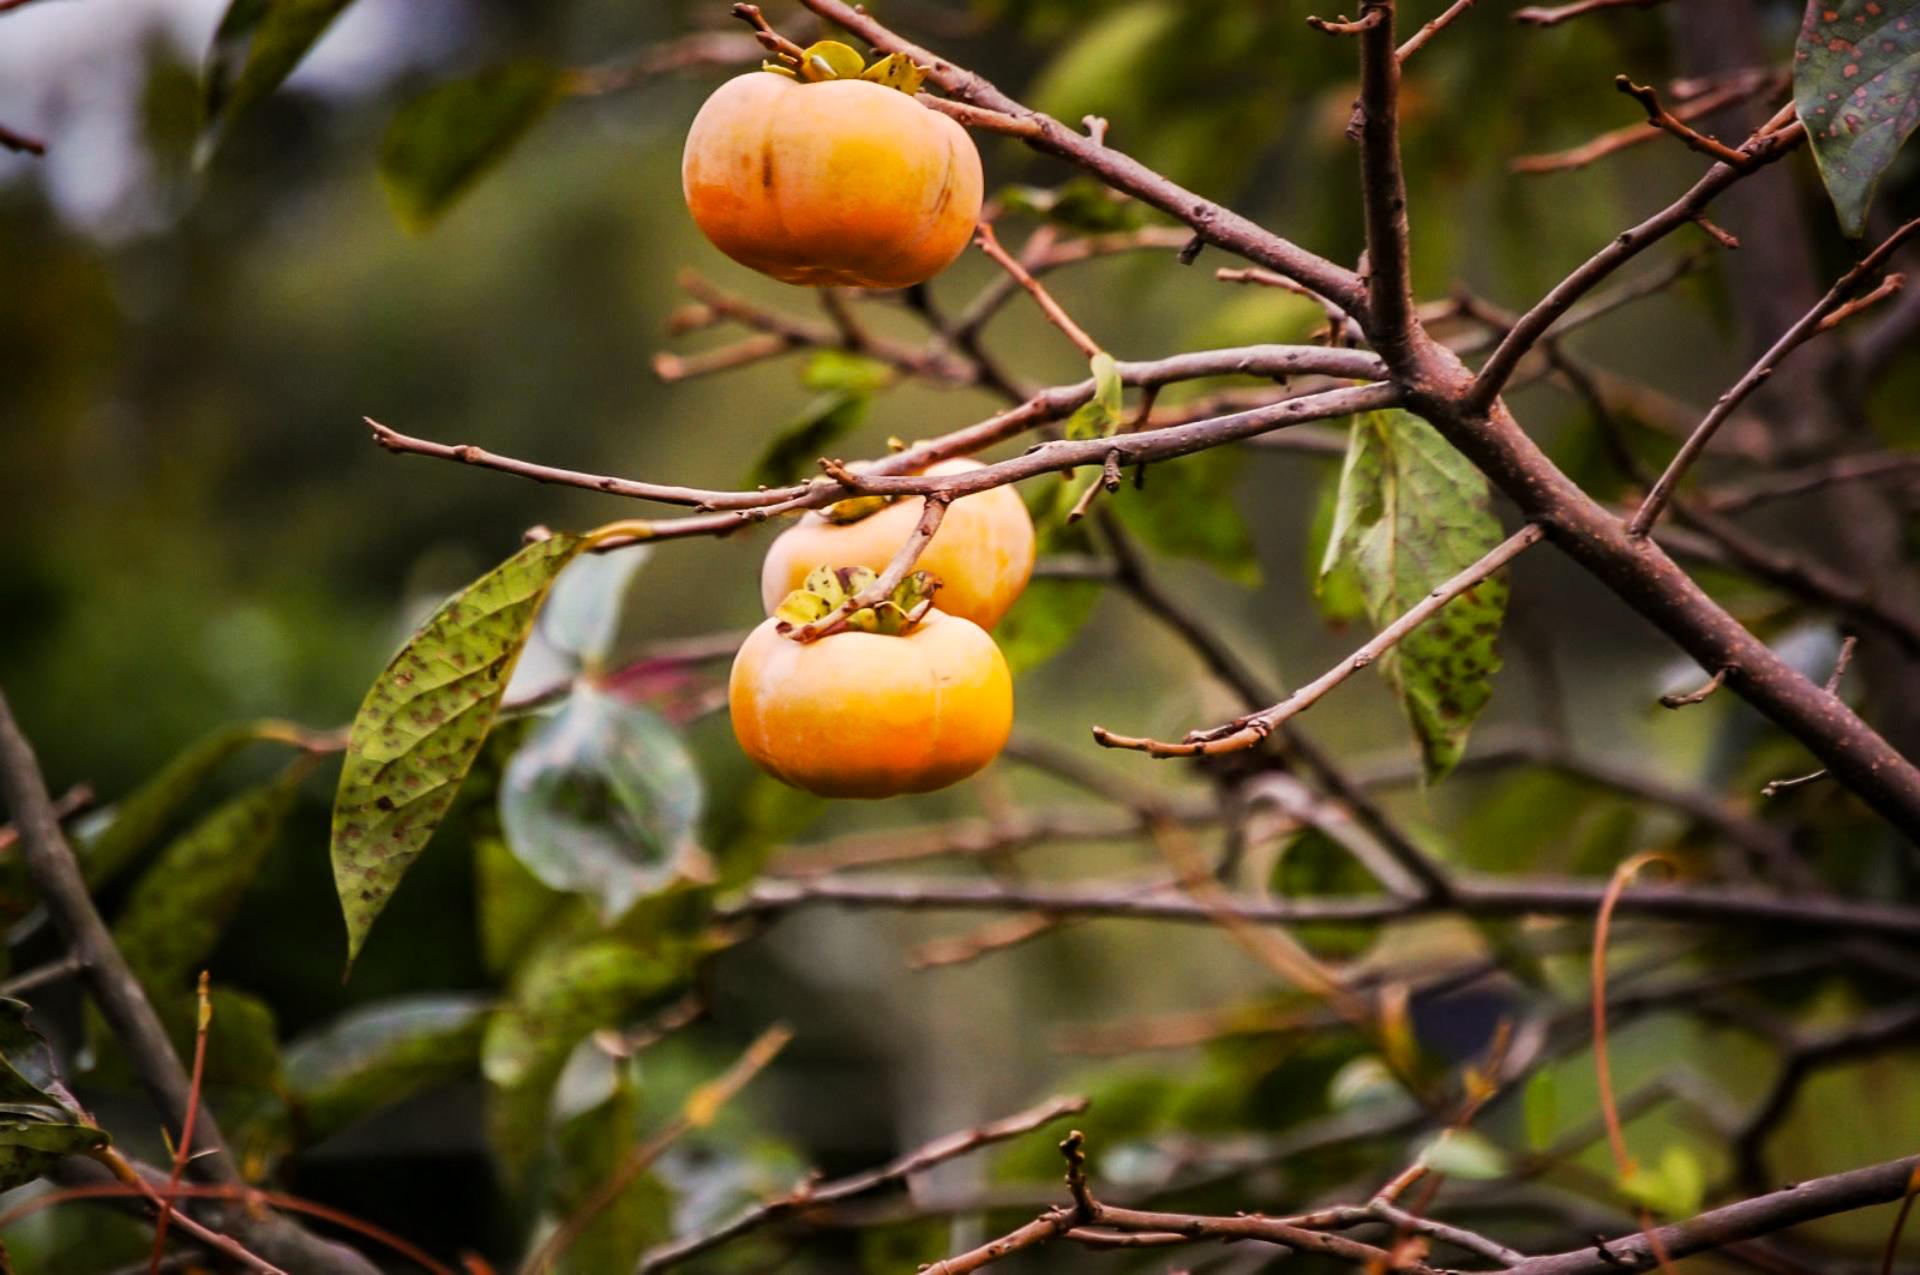 柿の木に実る3つの柿